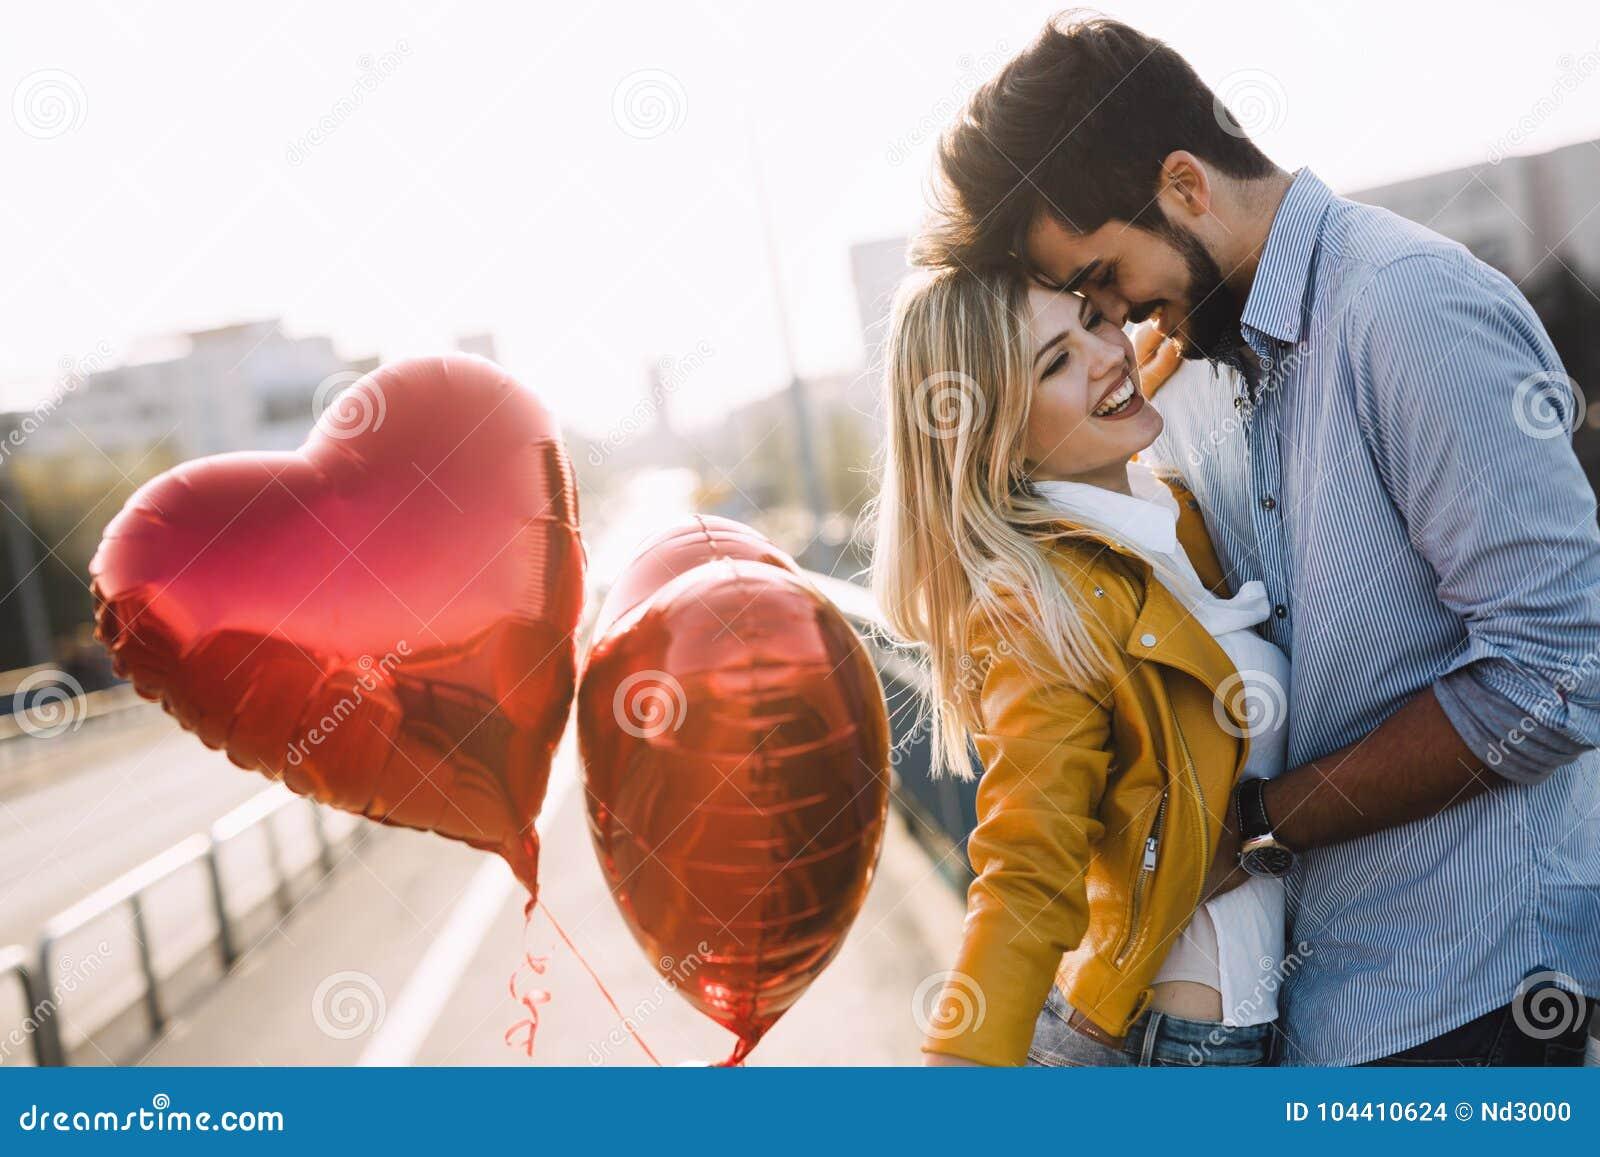 Datierung, wann man sich das zweite Datum küsst Dating mein zweiter Cousin einmal entfernt